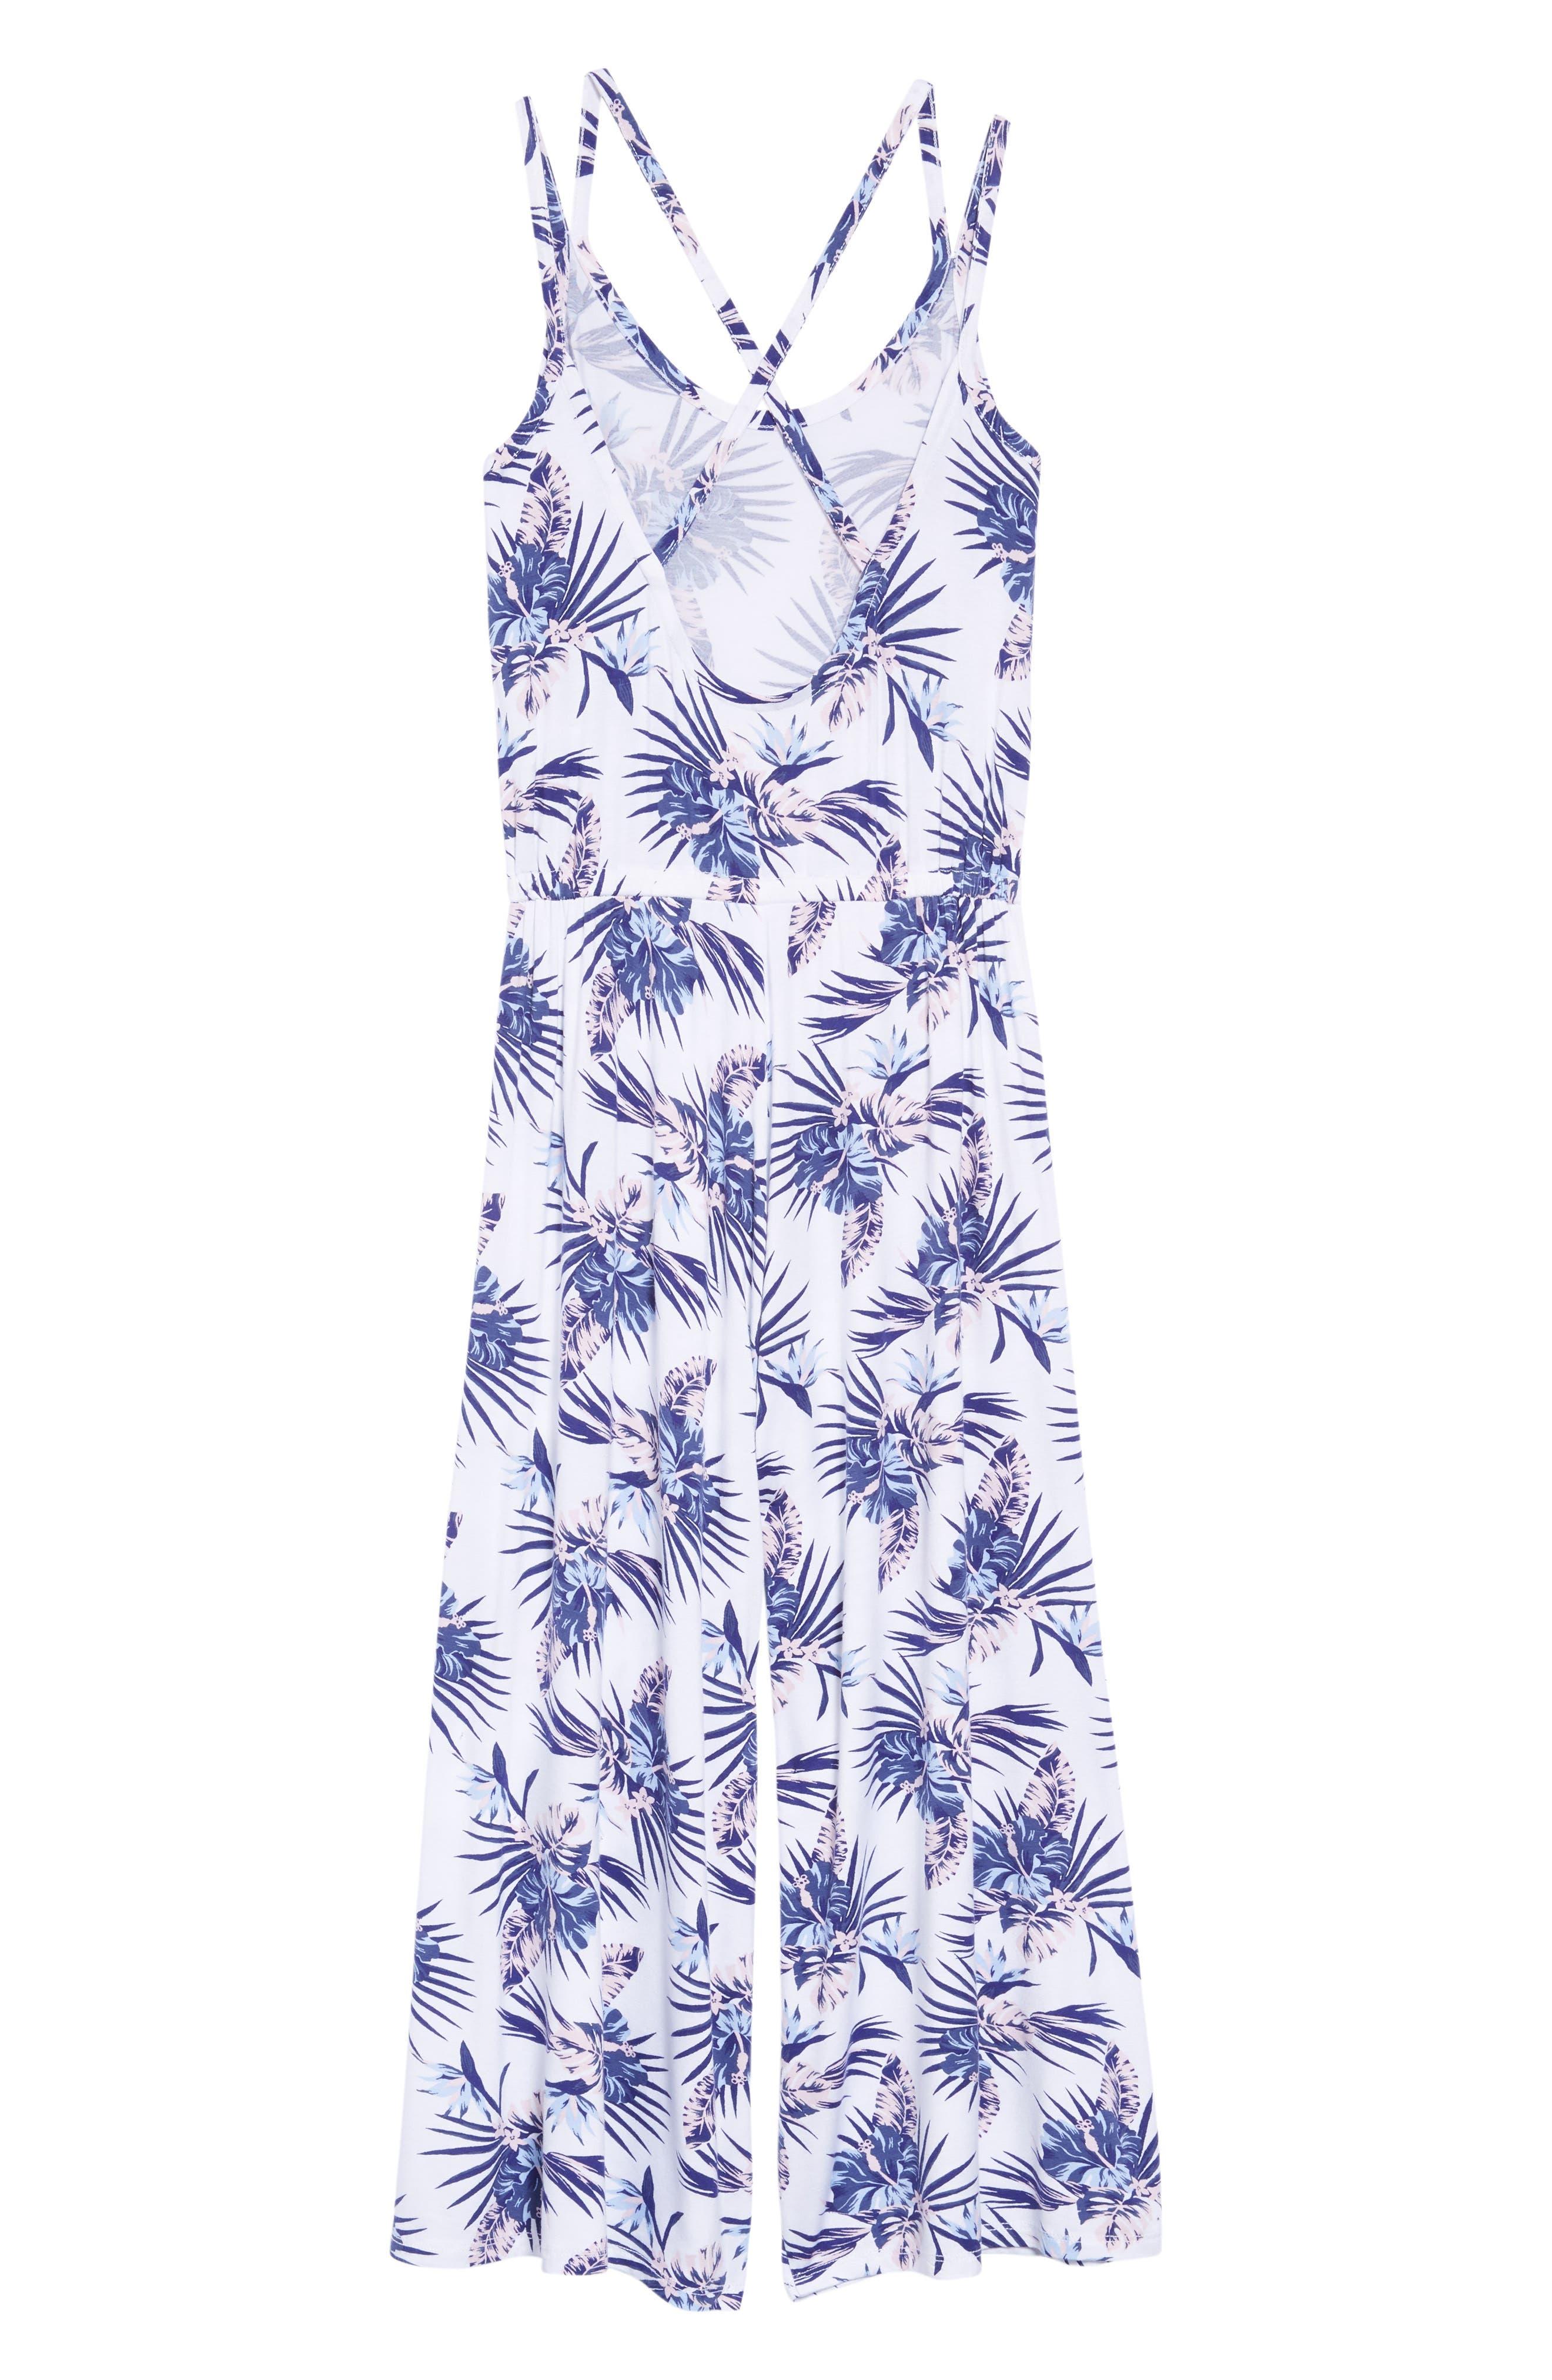 Floral Print Jumpsuit,                             Alternate thumbnail 2, color,                             White- Blue Tropical